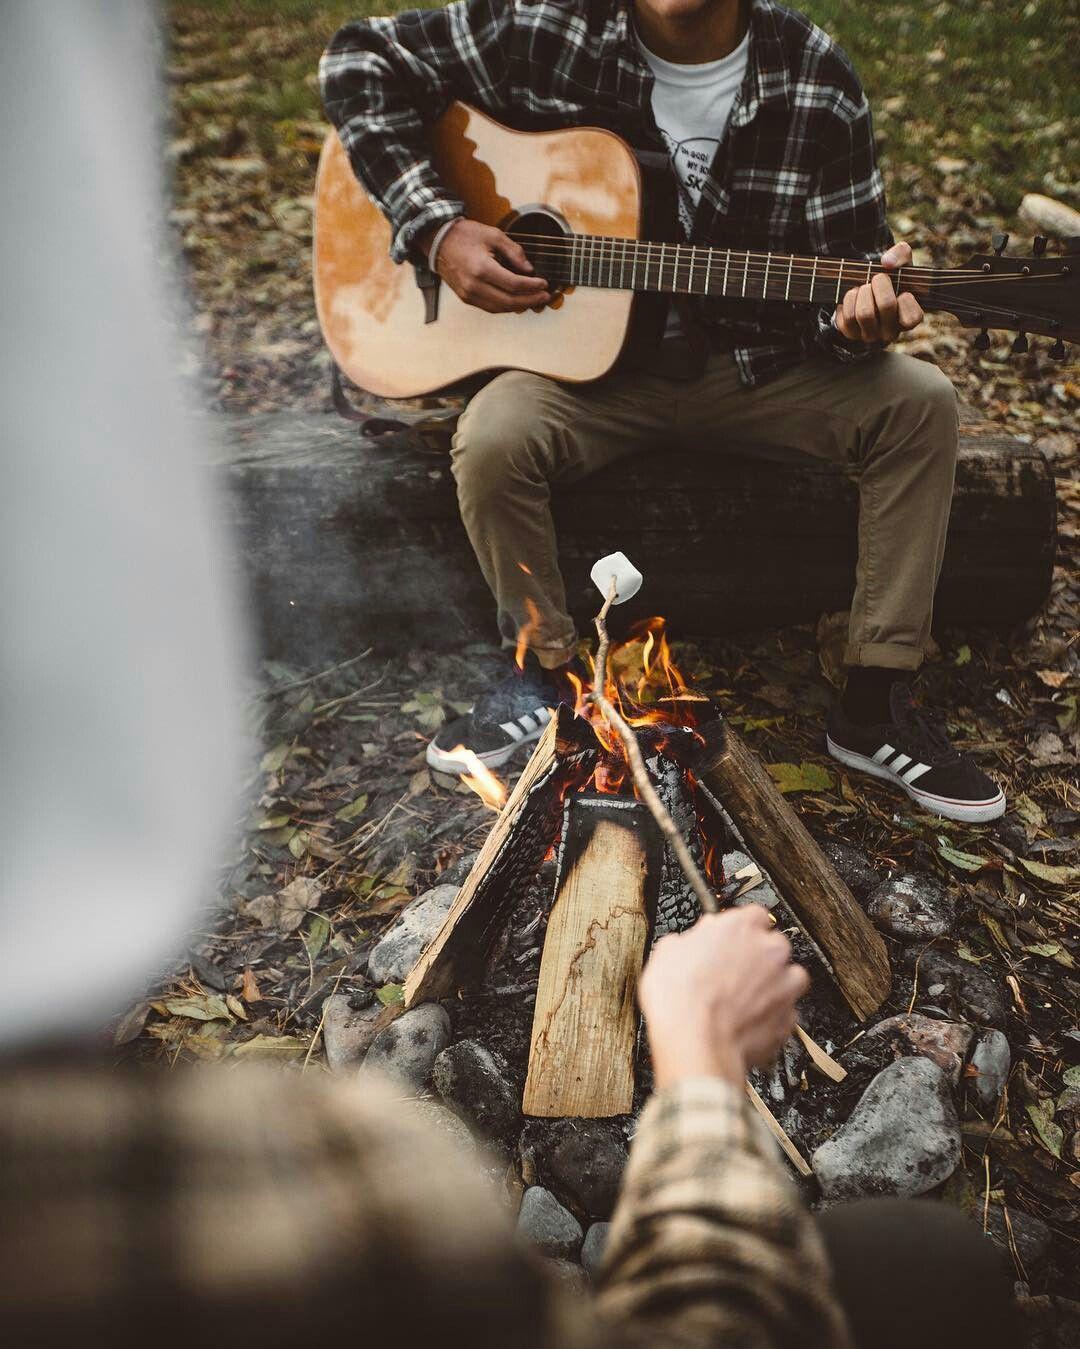 Картинка палатки и гитары